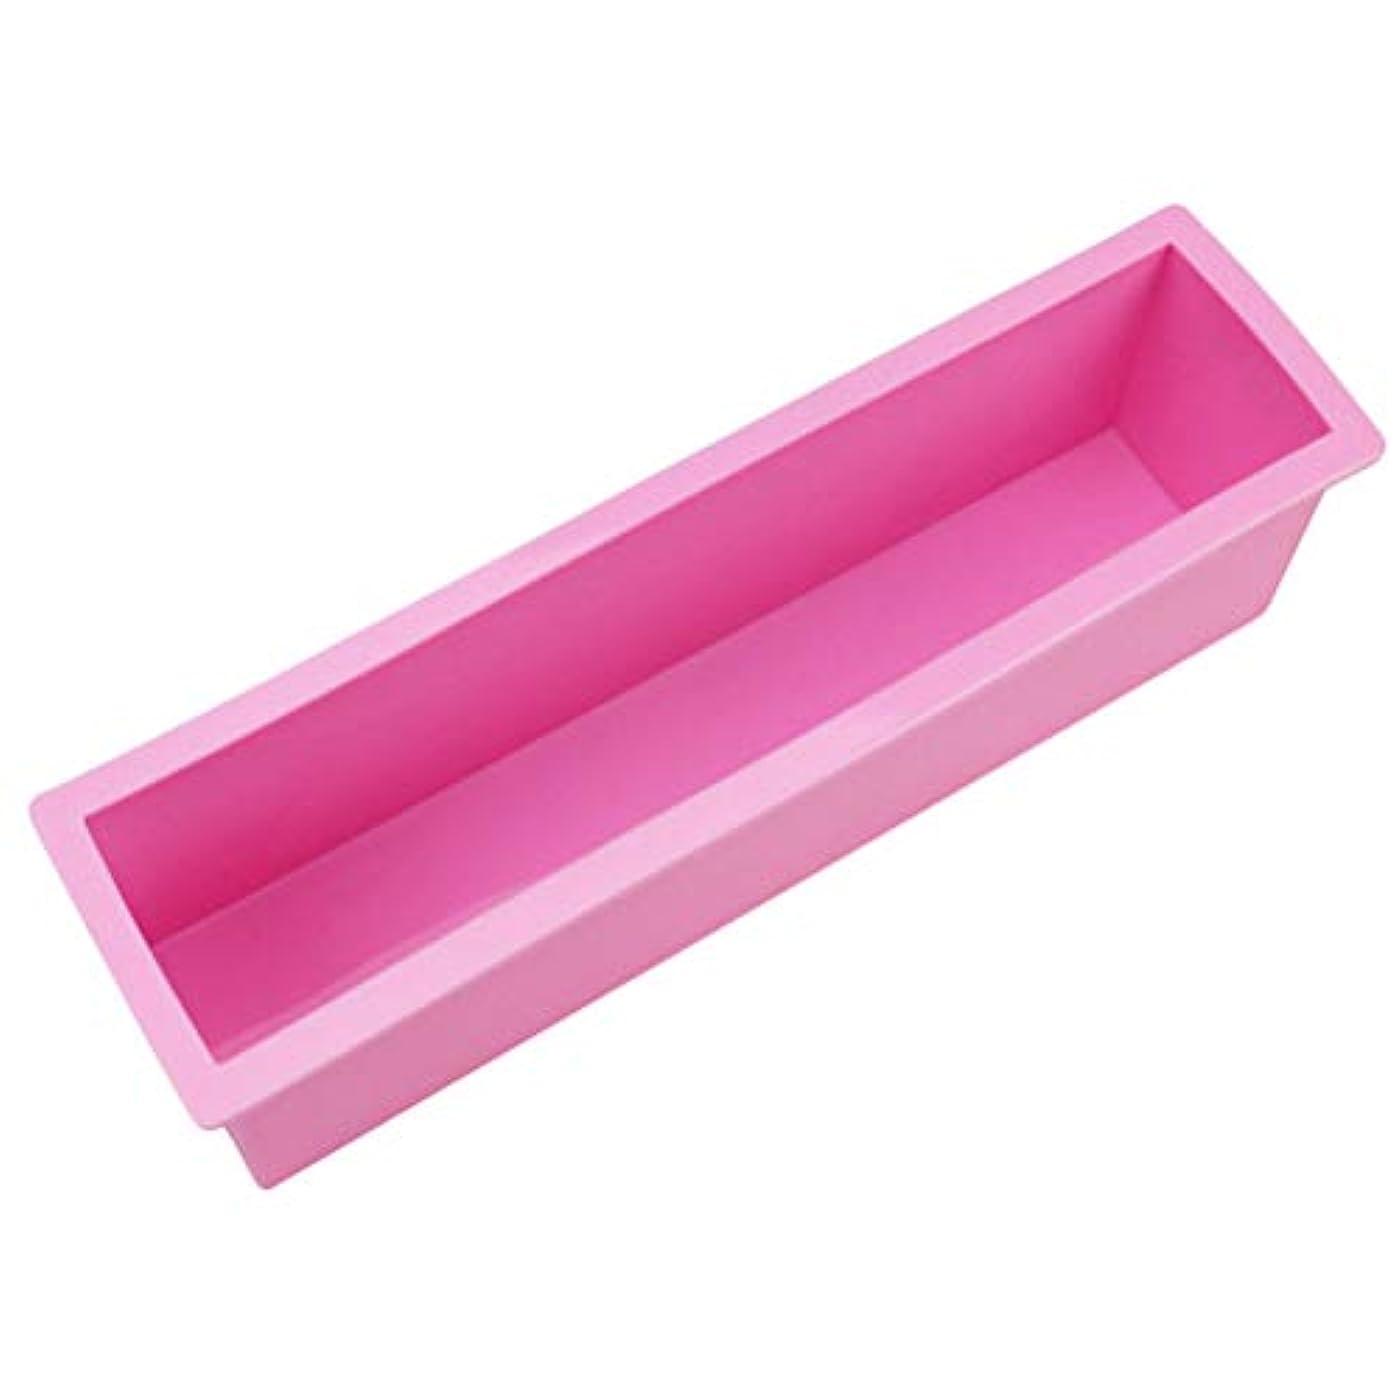 額ナイトスポット世界的にYardwe 石鹸ケーキミートローフ用品のための柔軟な長方形のシリコンソープモールドロープ(ランダムカラー)サイズL